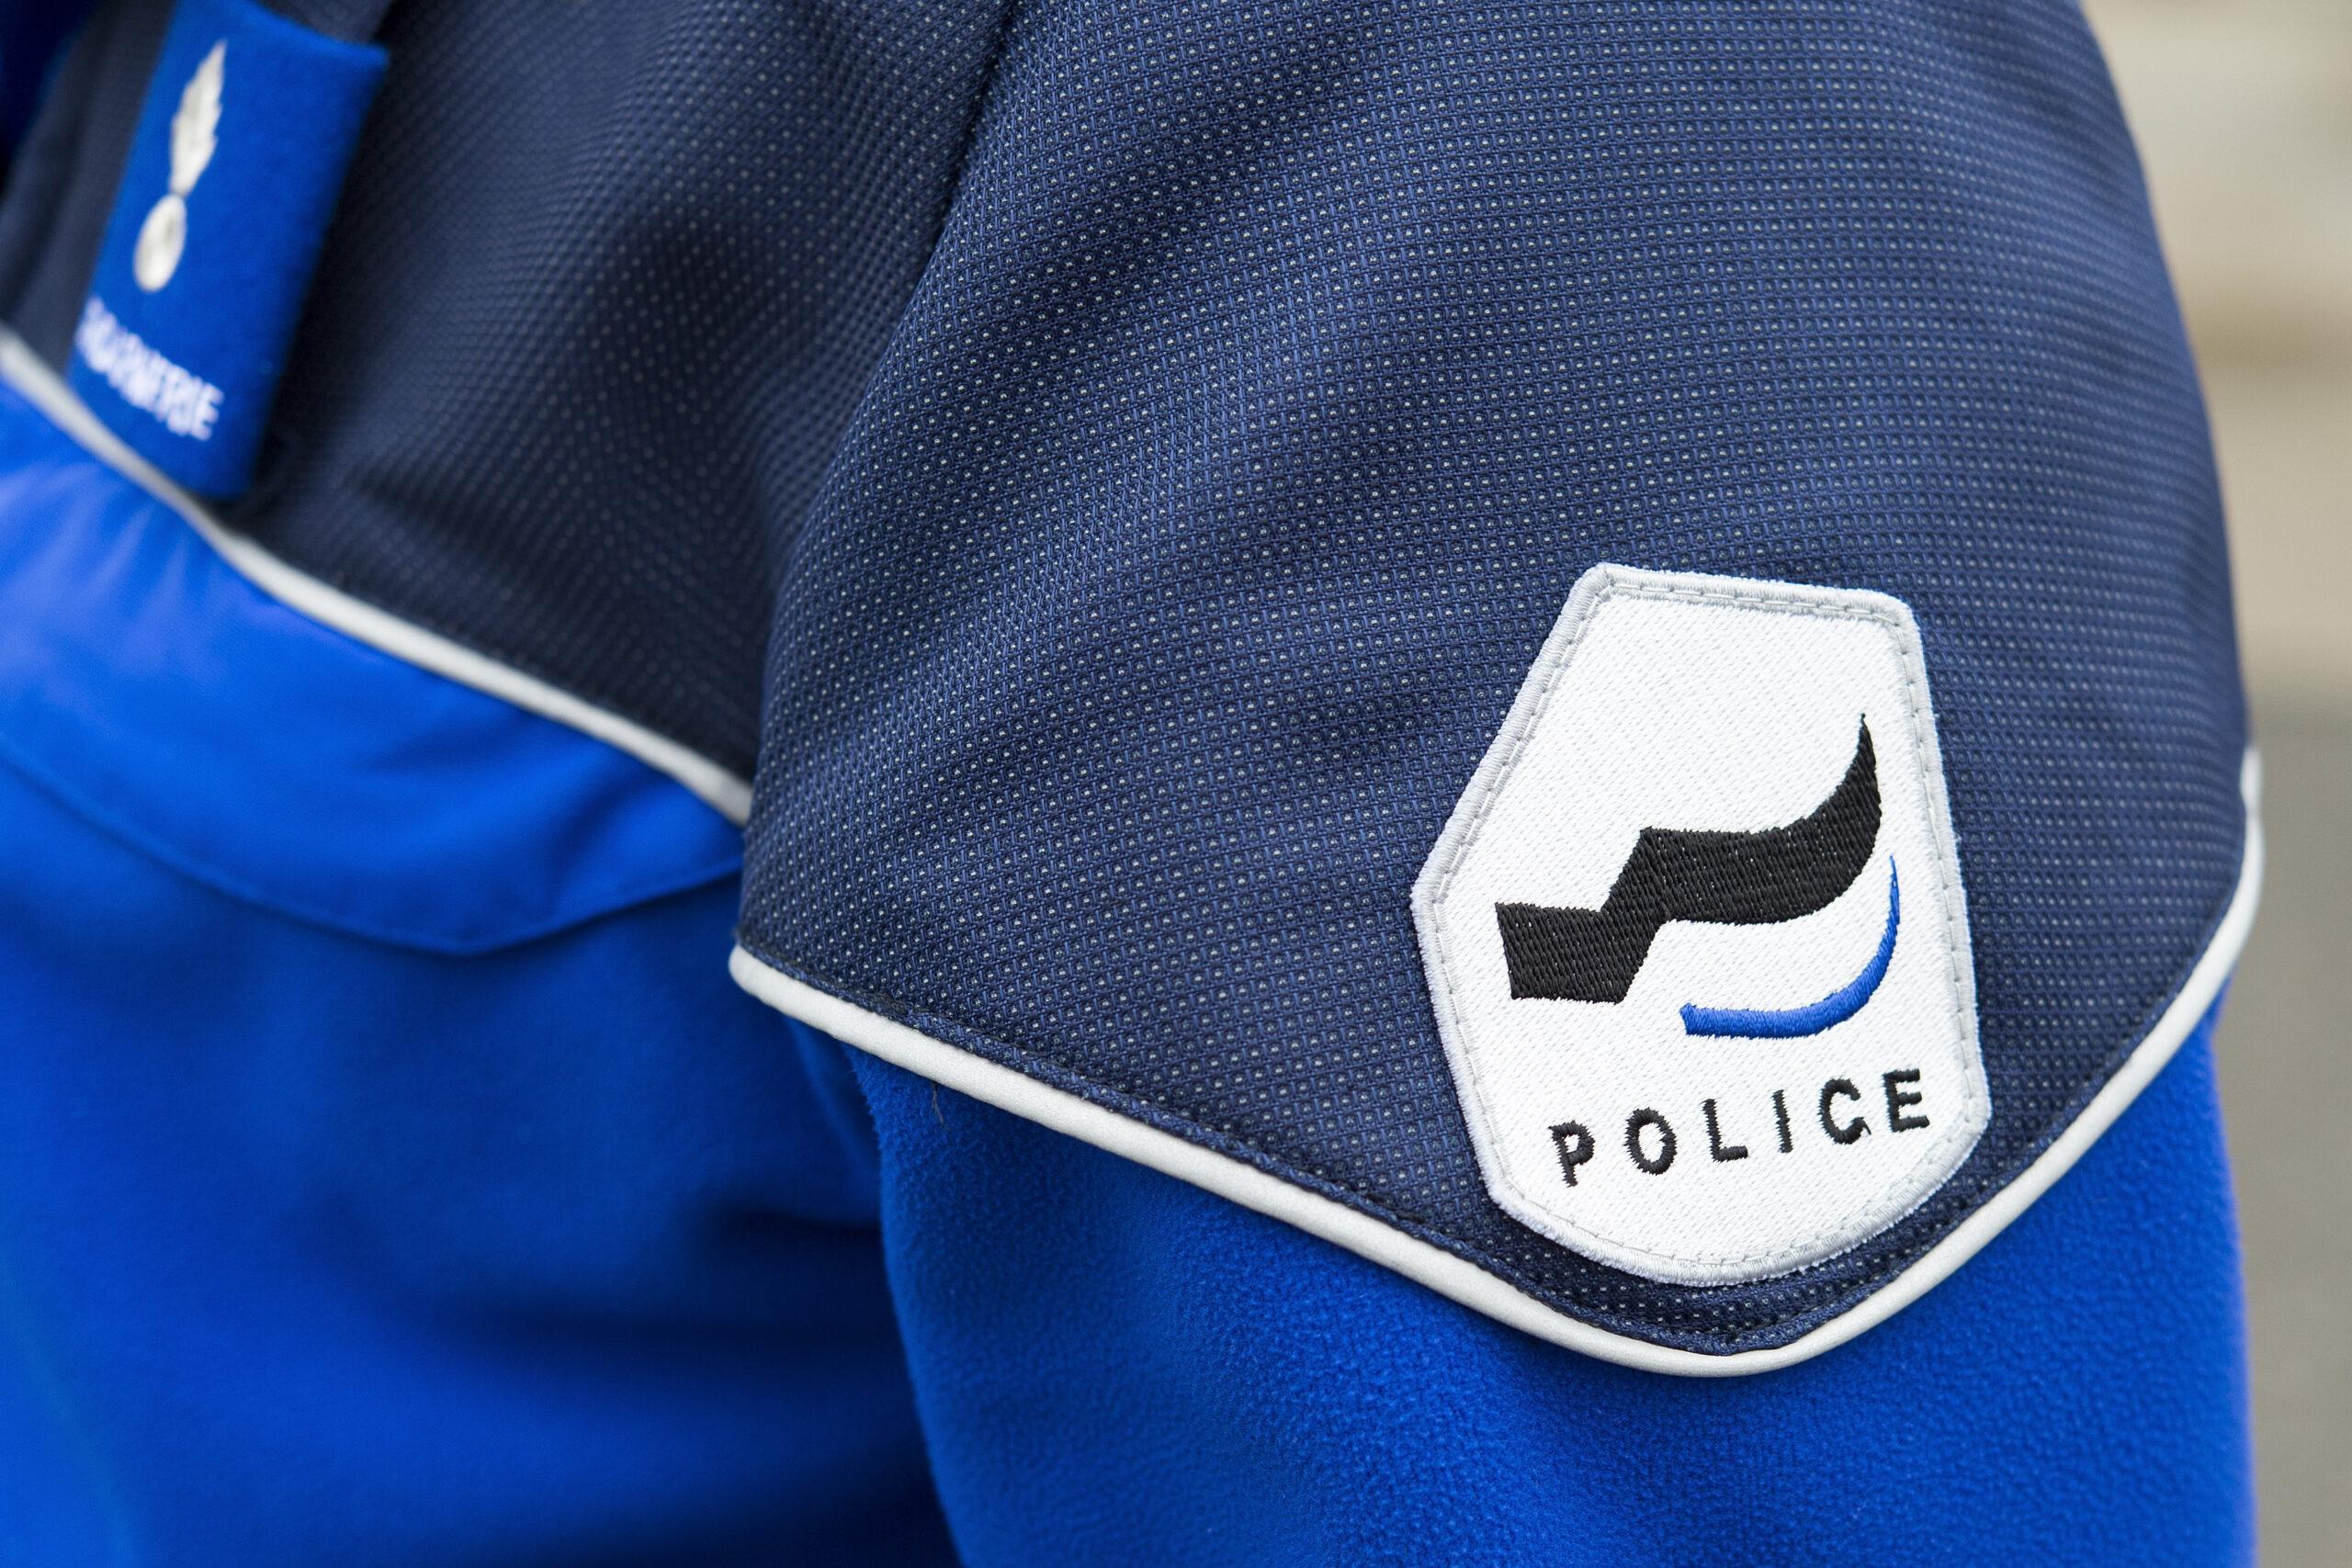 Die Kantonspolizei Freiburg kümmert sich um die öffentliche Sicherheit und die Aufrechterhaltung der Ordnung. (Bildquelle: Kapo Freiburg / KEYSTONE / Lukas Lehmann)